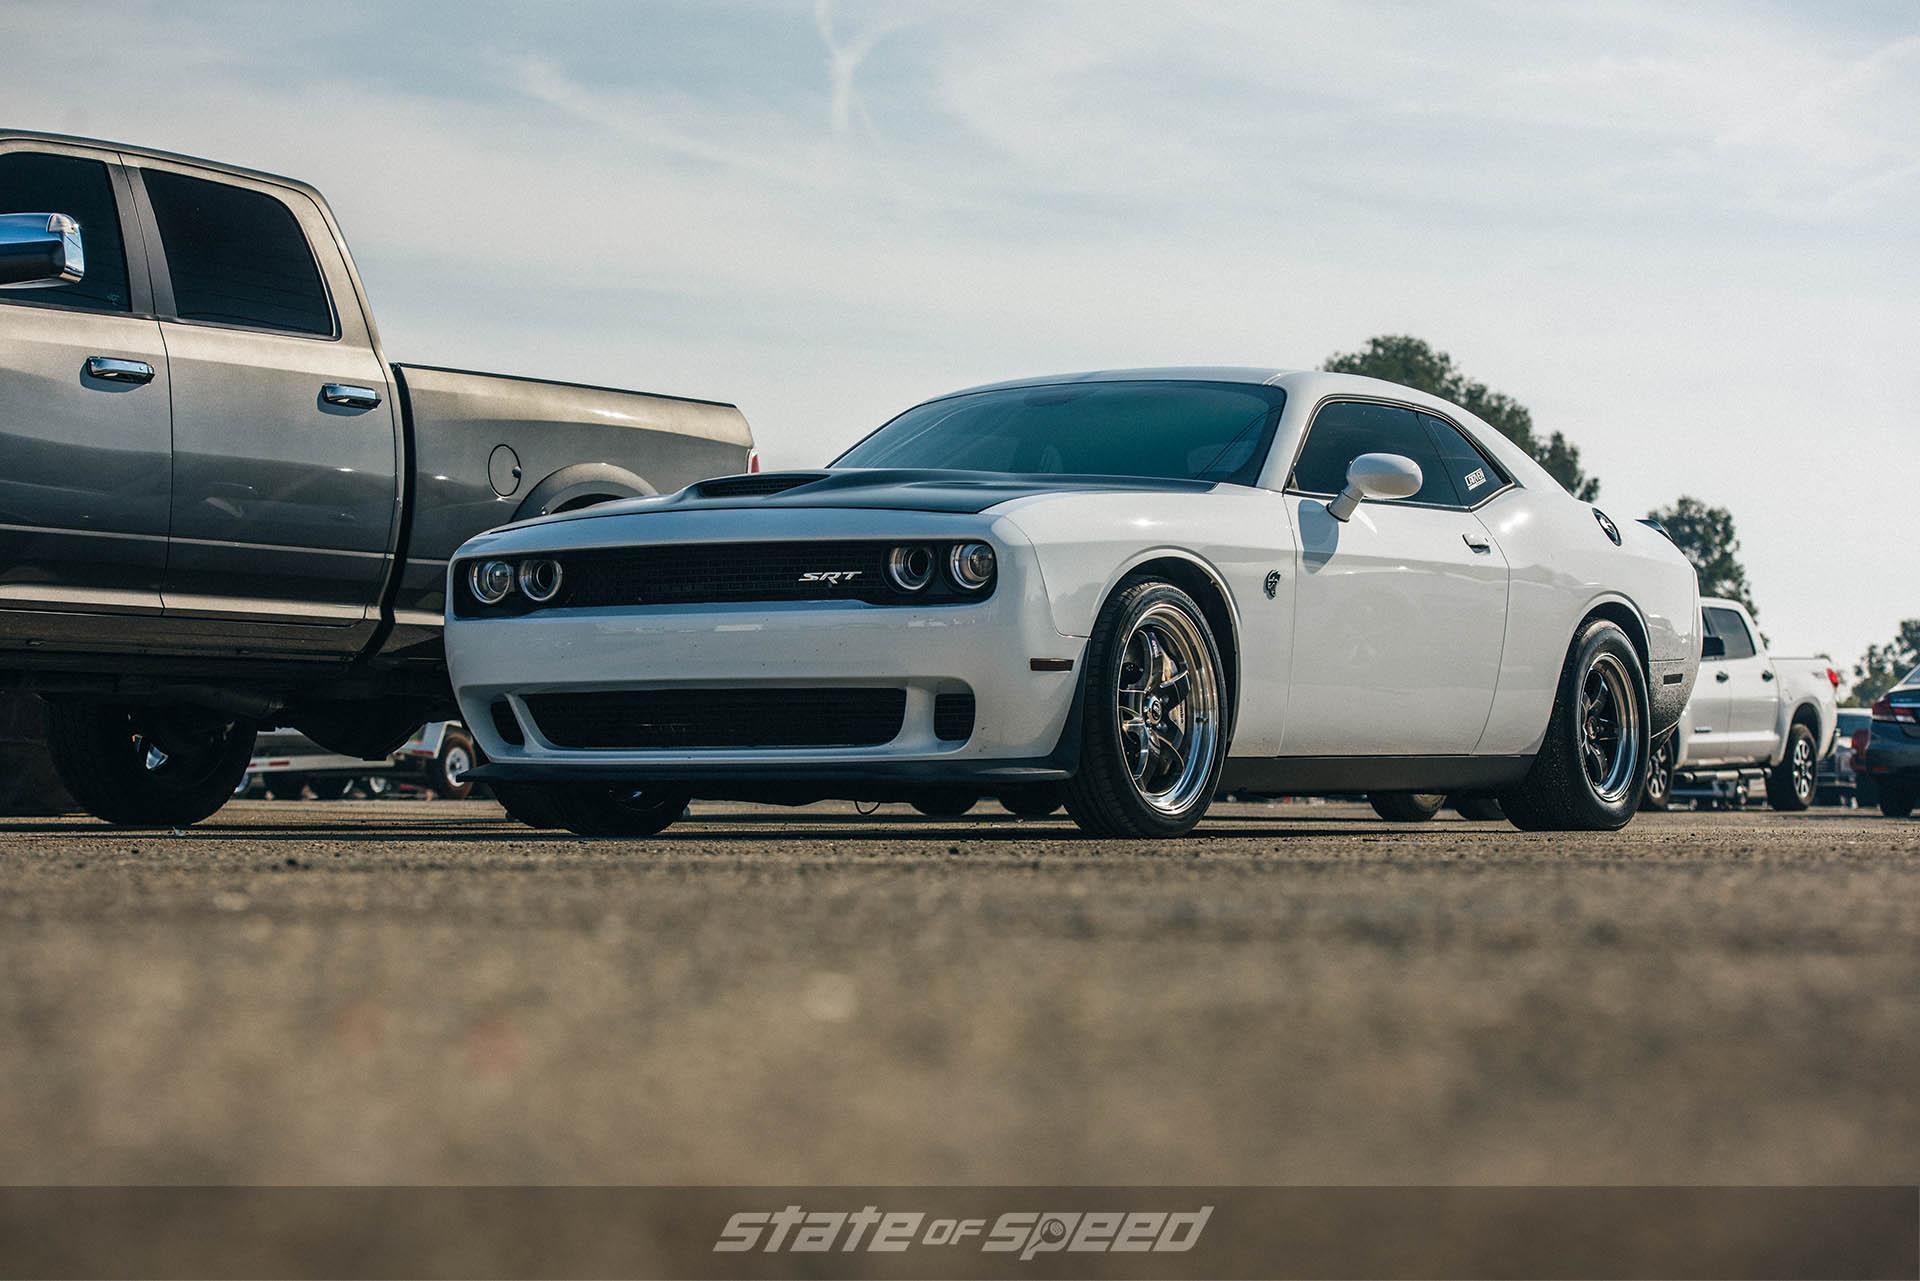 Dodge Challenger Hellcat with Weld wheels